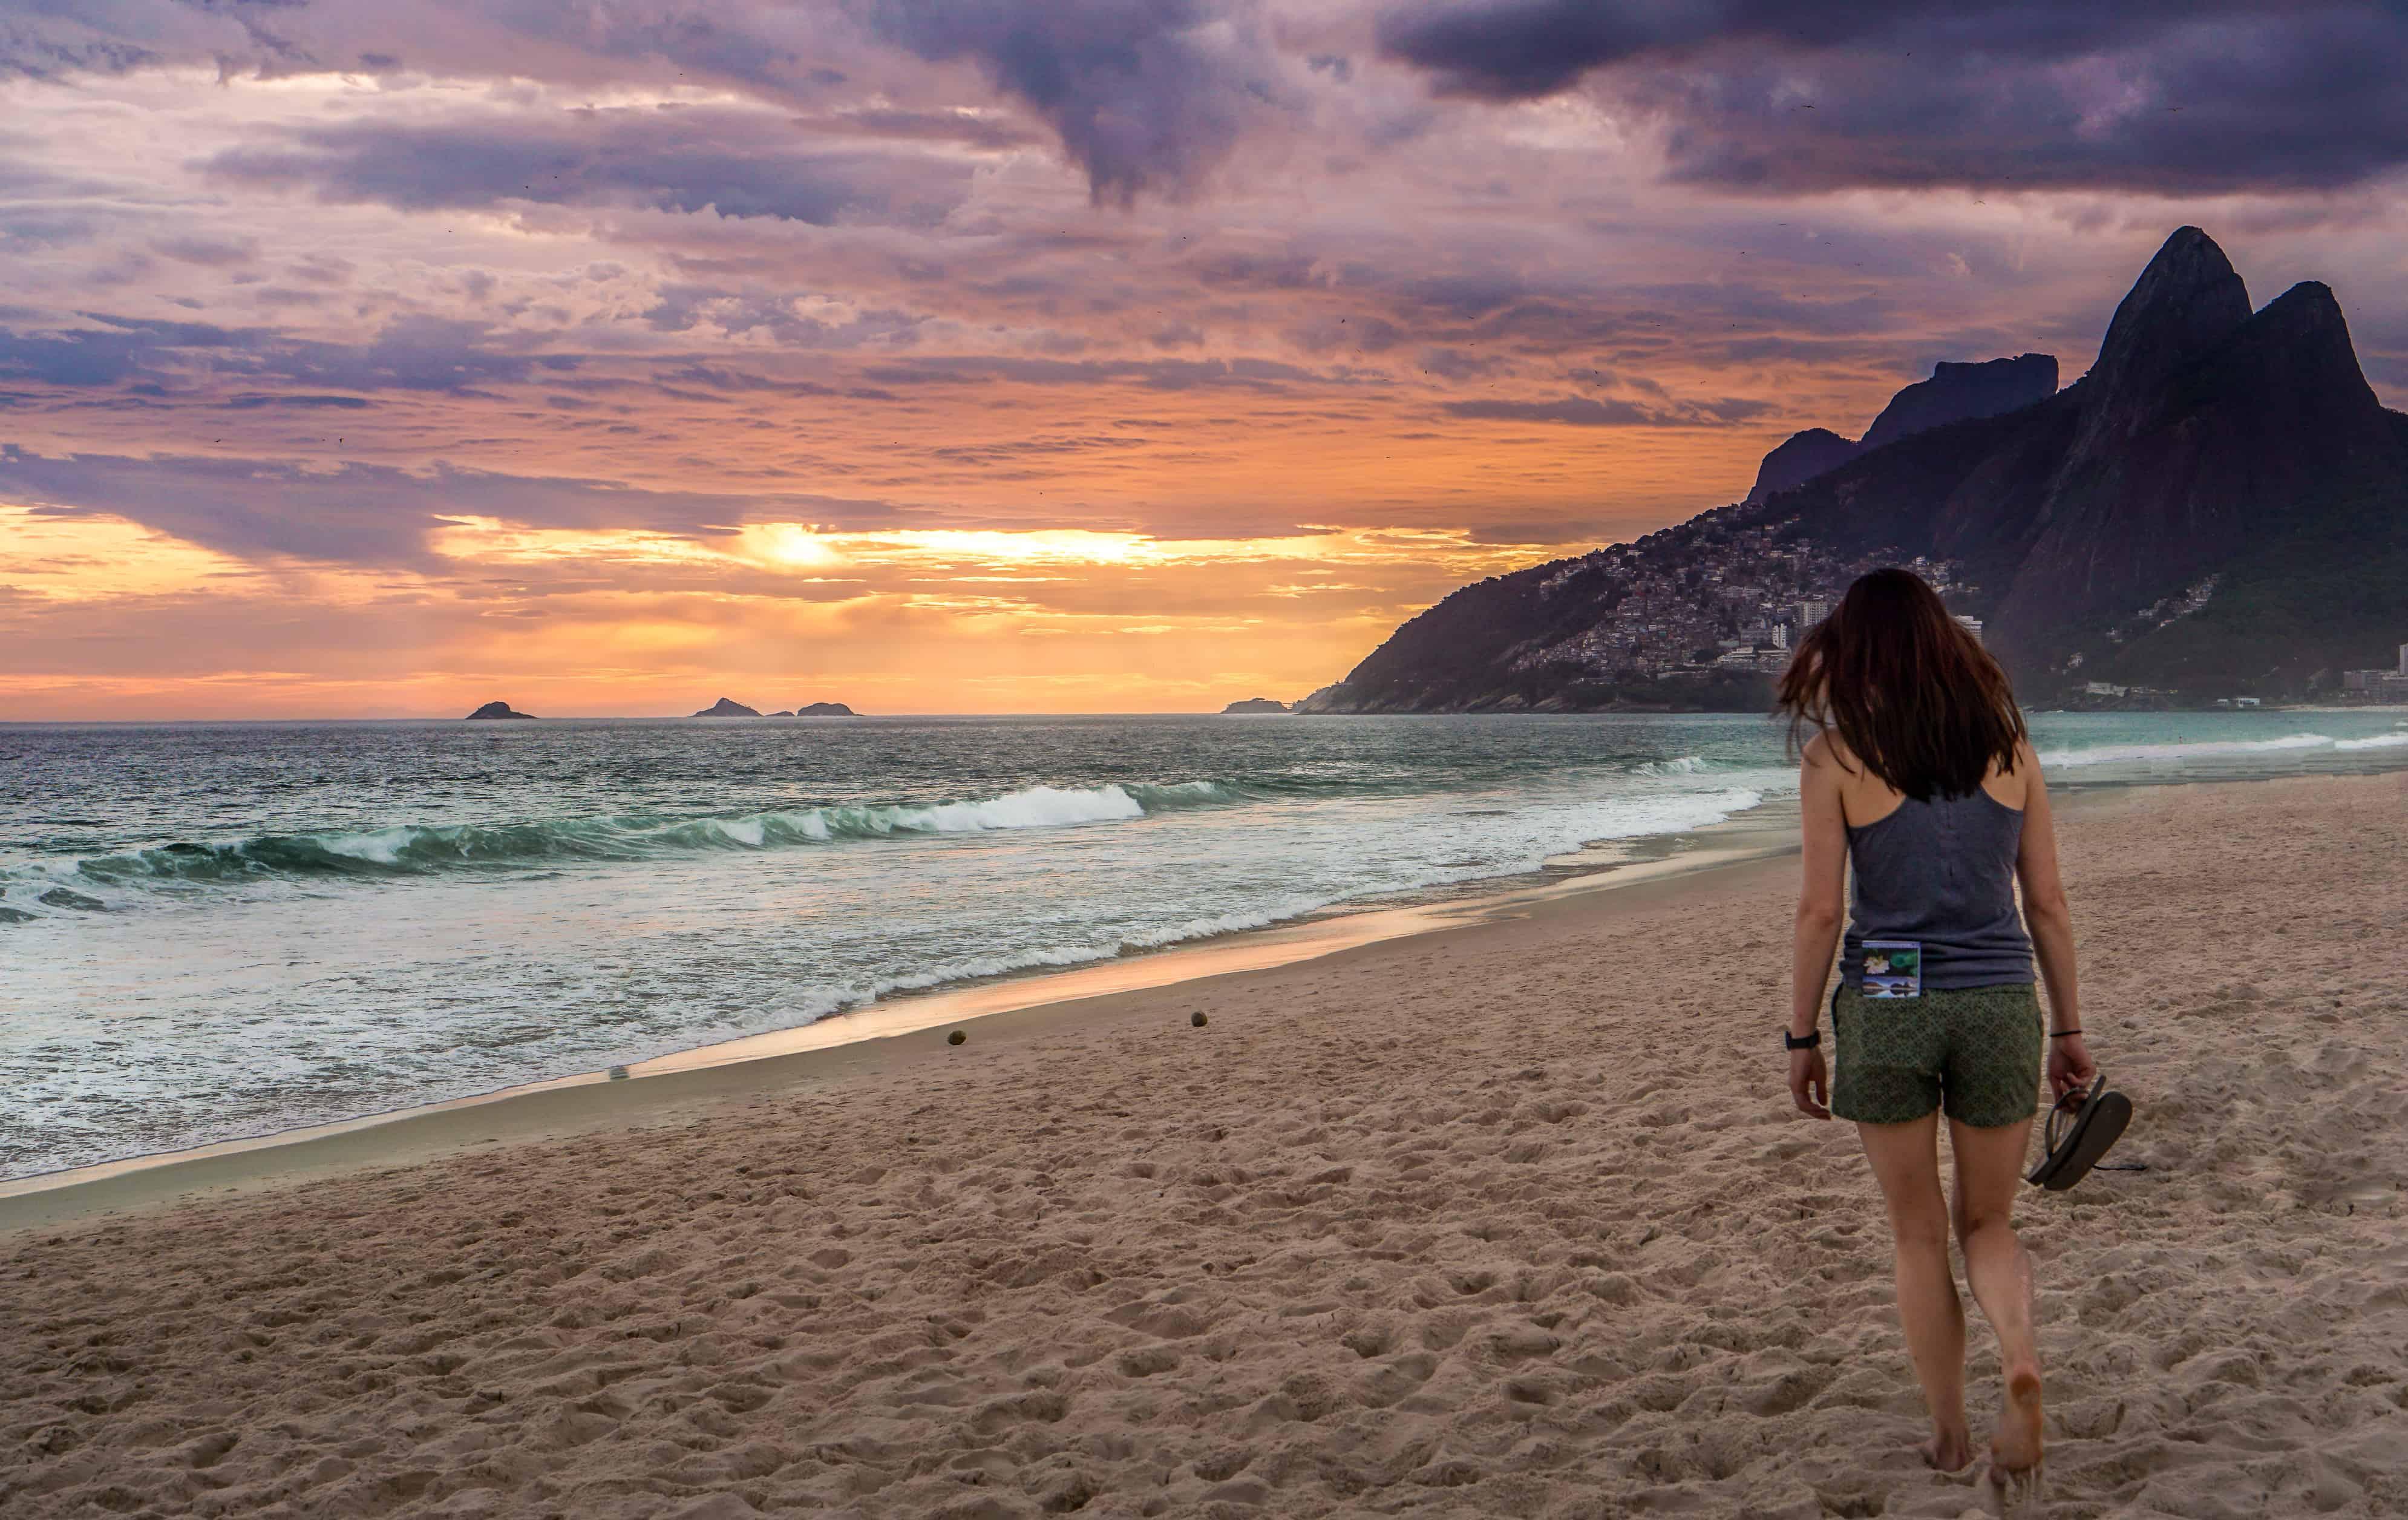 A woman walking on the beach towards the beautiful sunset in Rio de Janeiro